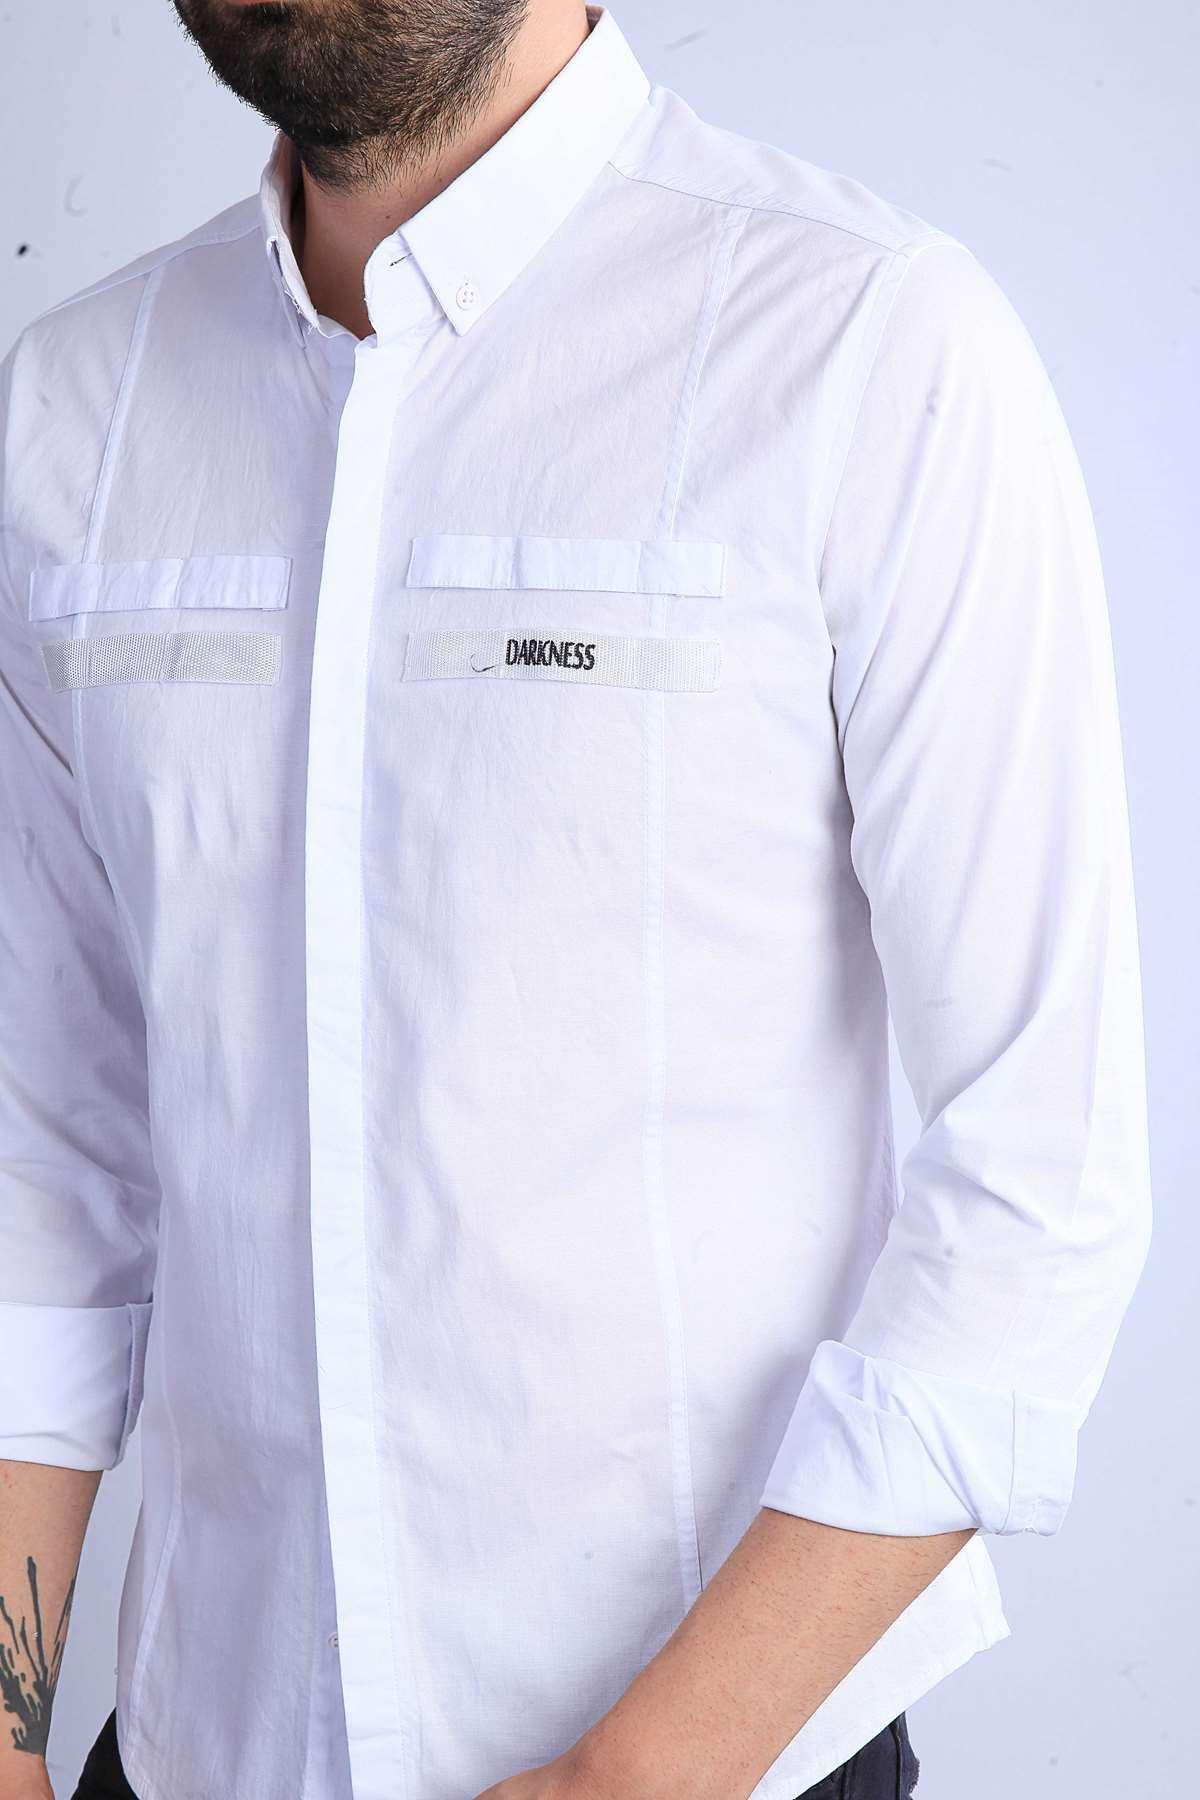 Önü Şeritli Darkness Yazılı Parlak Kumaş Slim Fit Gömlek Beyaz